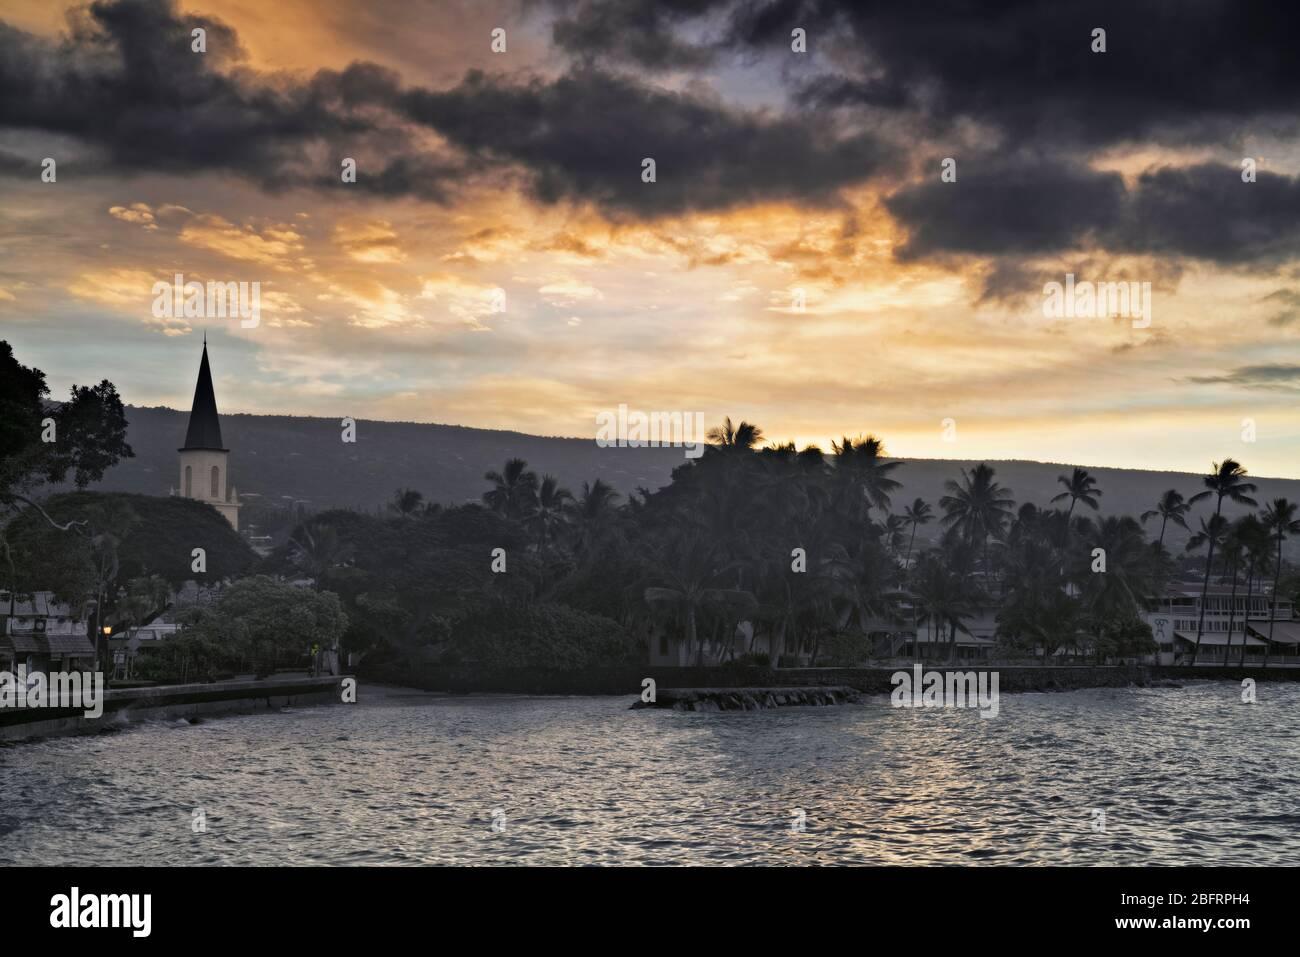 Daybreak au-dessus de la baie de Kailua et l'église historique de Mokuaikaua qui date de 1820 à Kailua-Kona sur la Grande île d'Hawaï. Banque D'Images